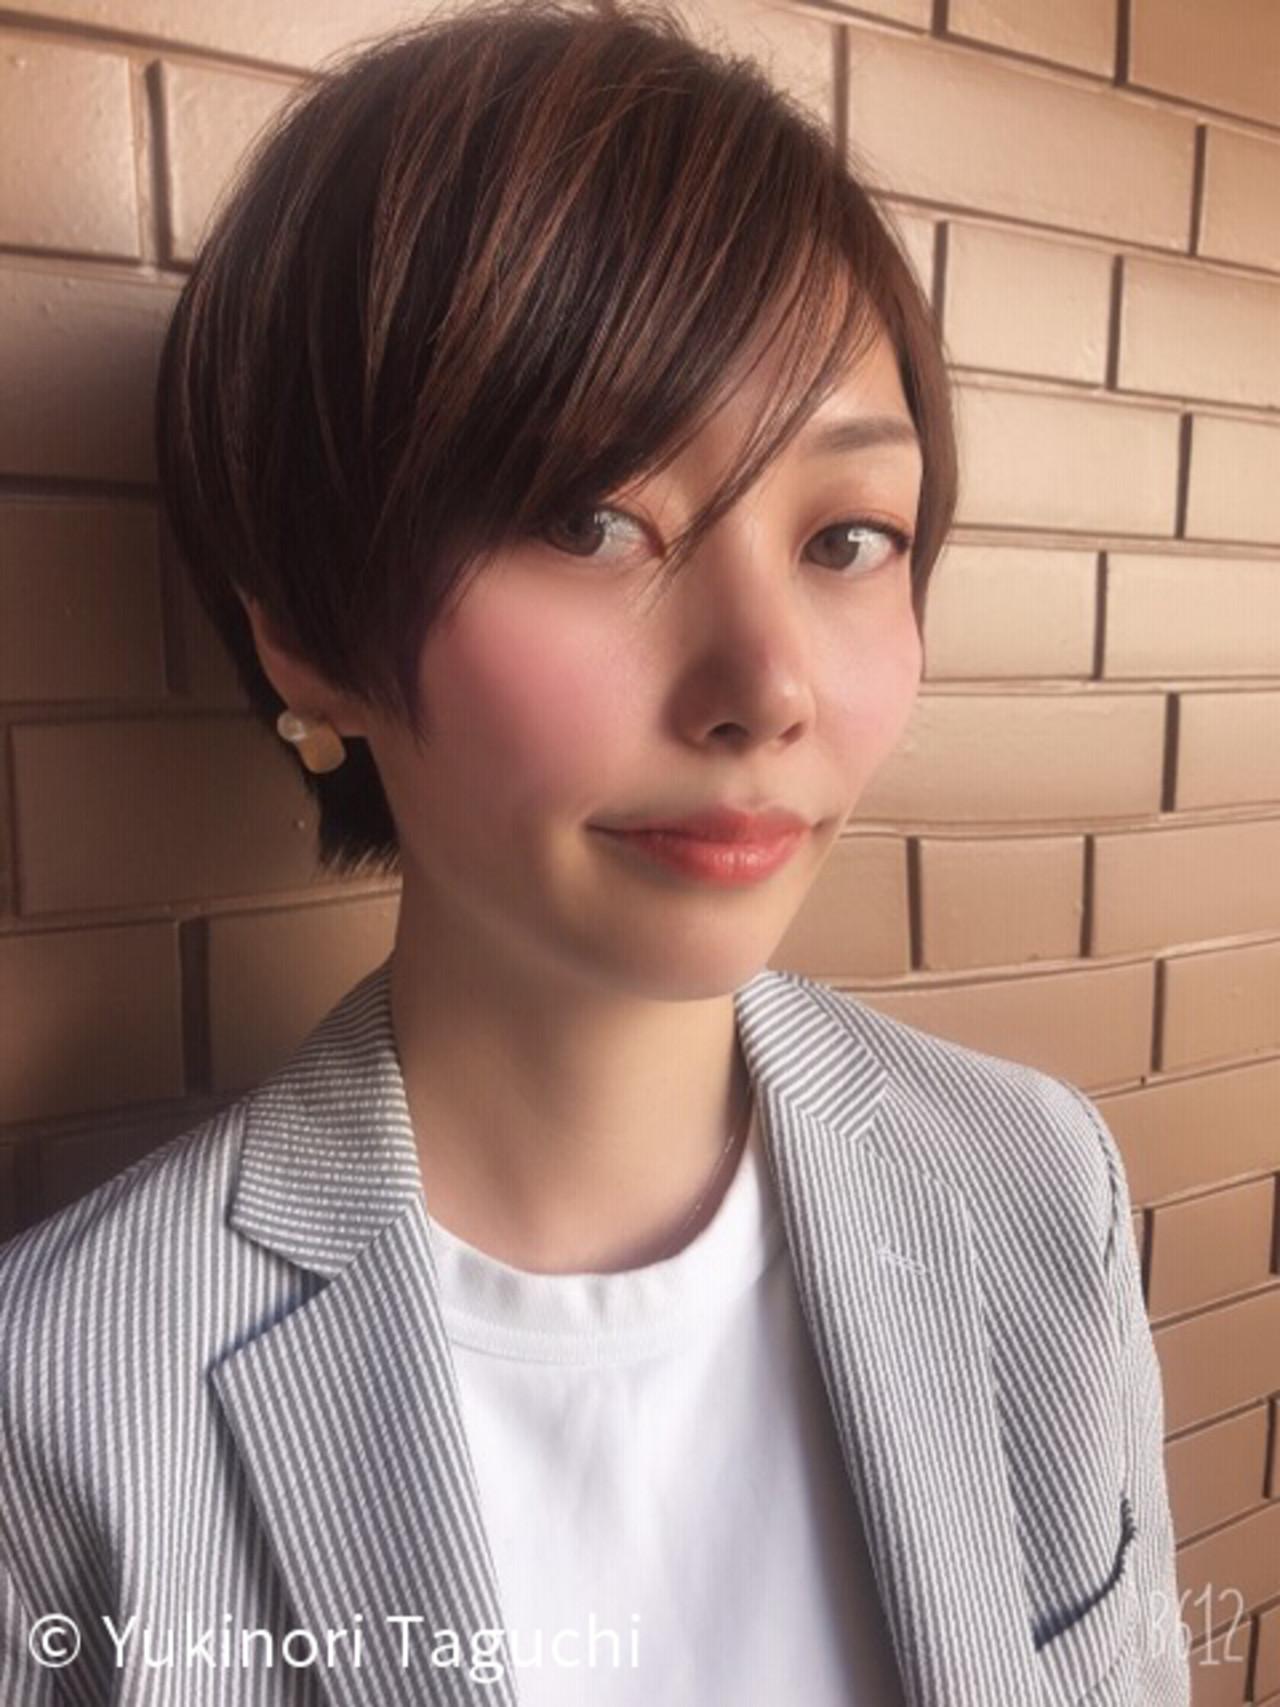 ストレートできちんと見せ♡アラフォーオフィスヘア Yukinori Taguchi